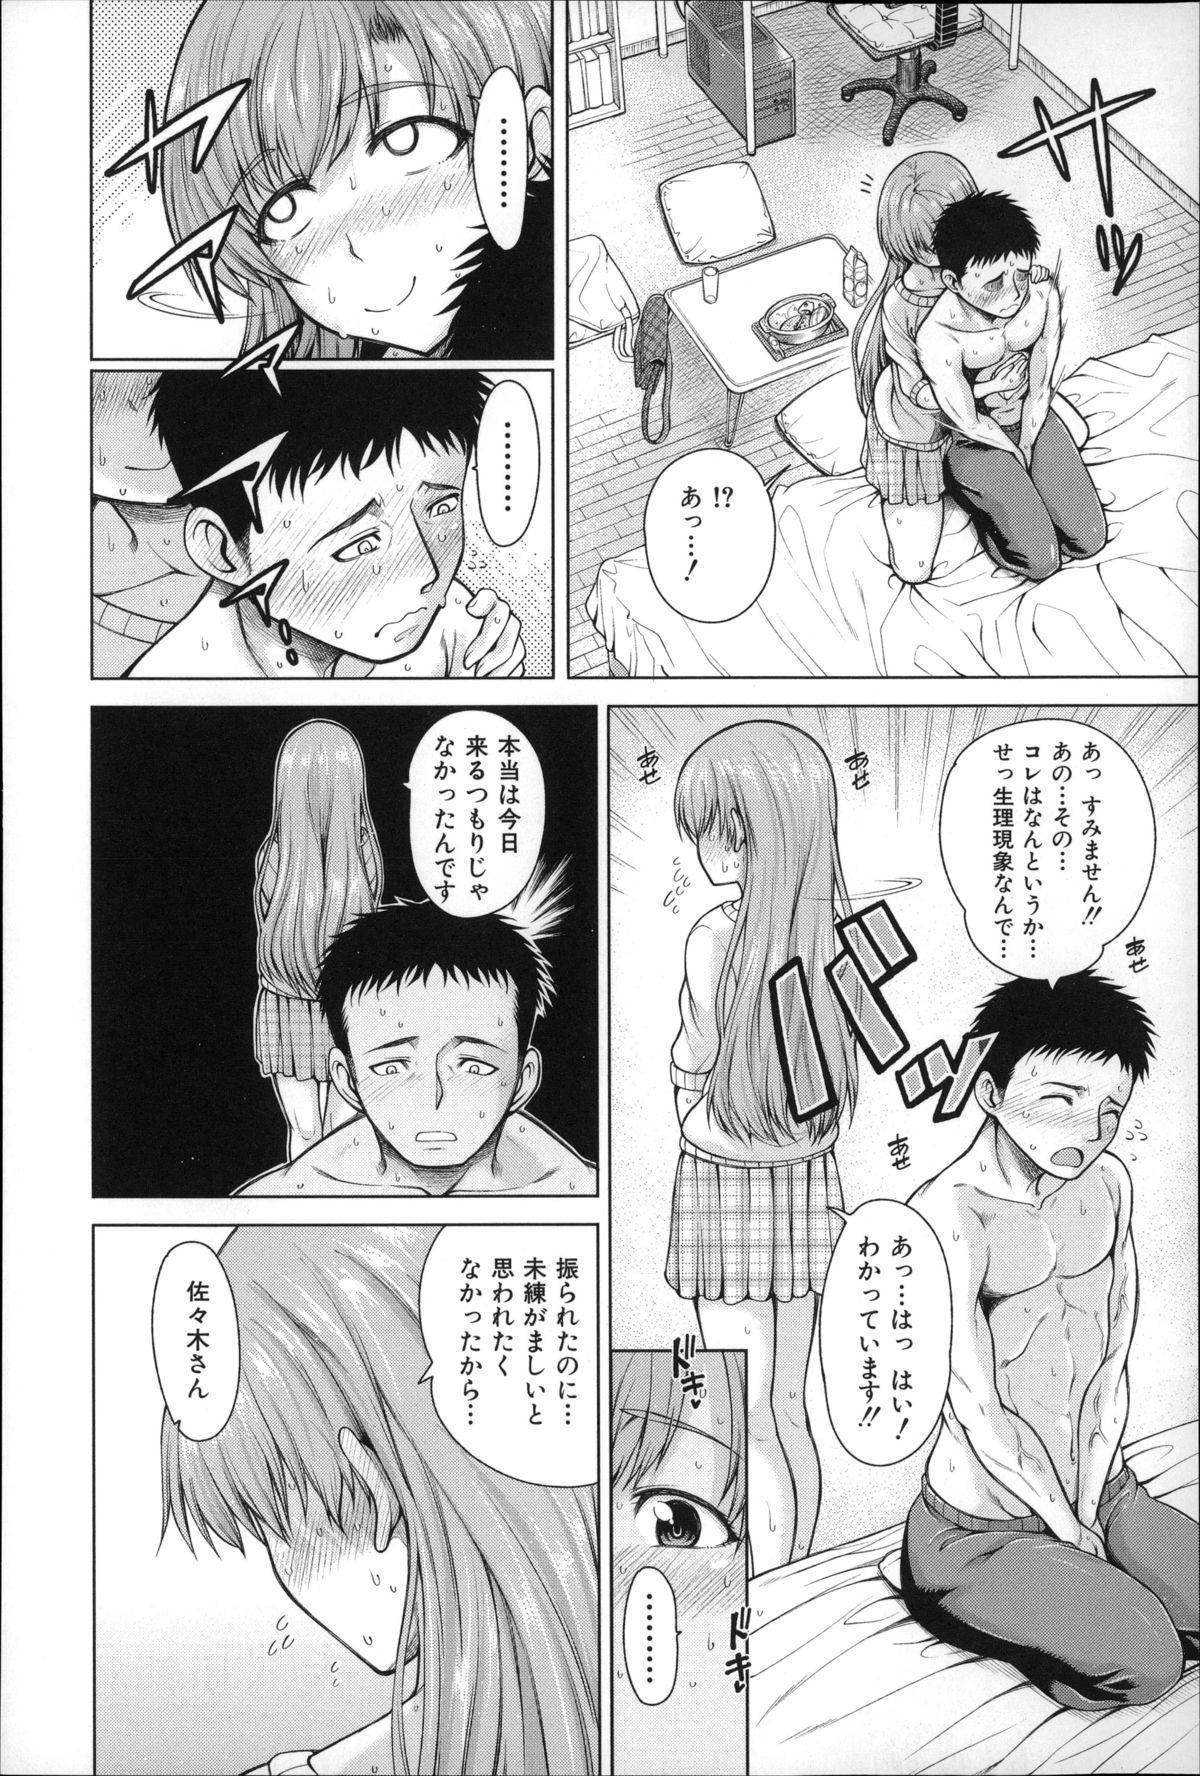 Migite ga Bishoujo ni Natta kara Sex Shita kedo Doutei dayone!! 88